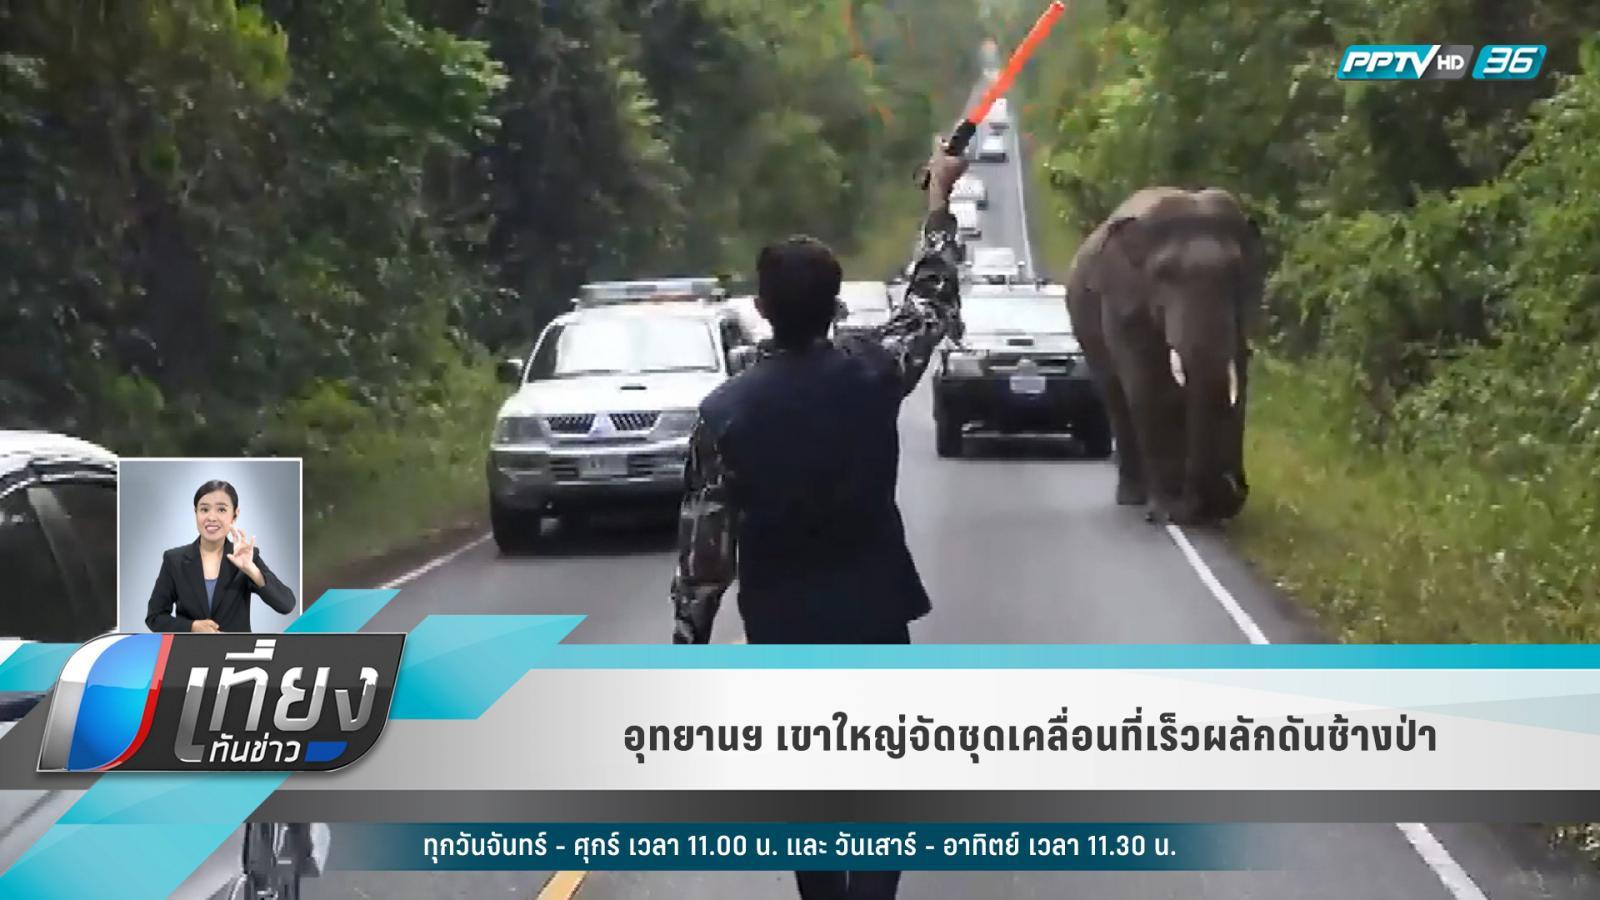 อุทยานฯเขาใหญ่ จัดชุดเคลื่อนที่เร็วผลักดันช้างป่า